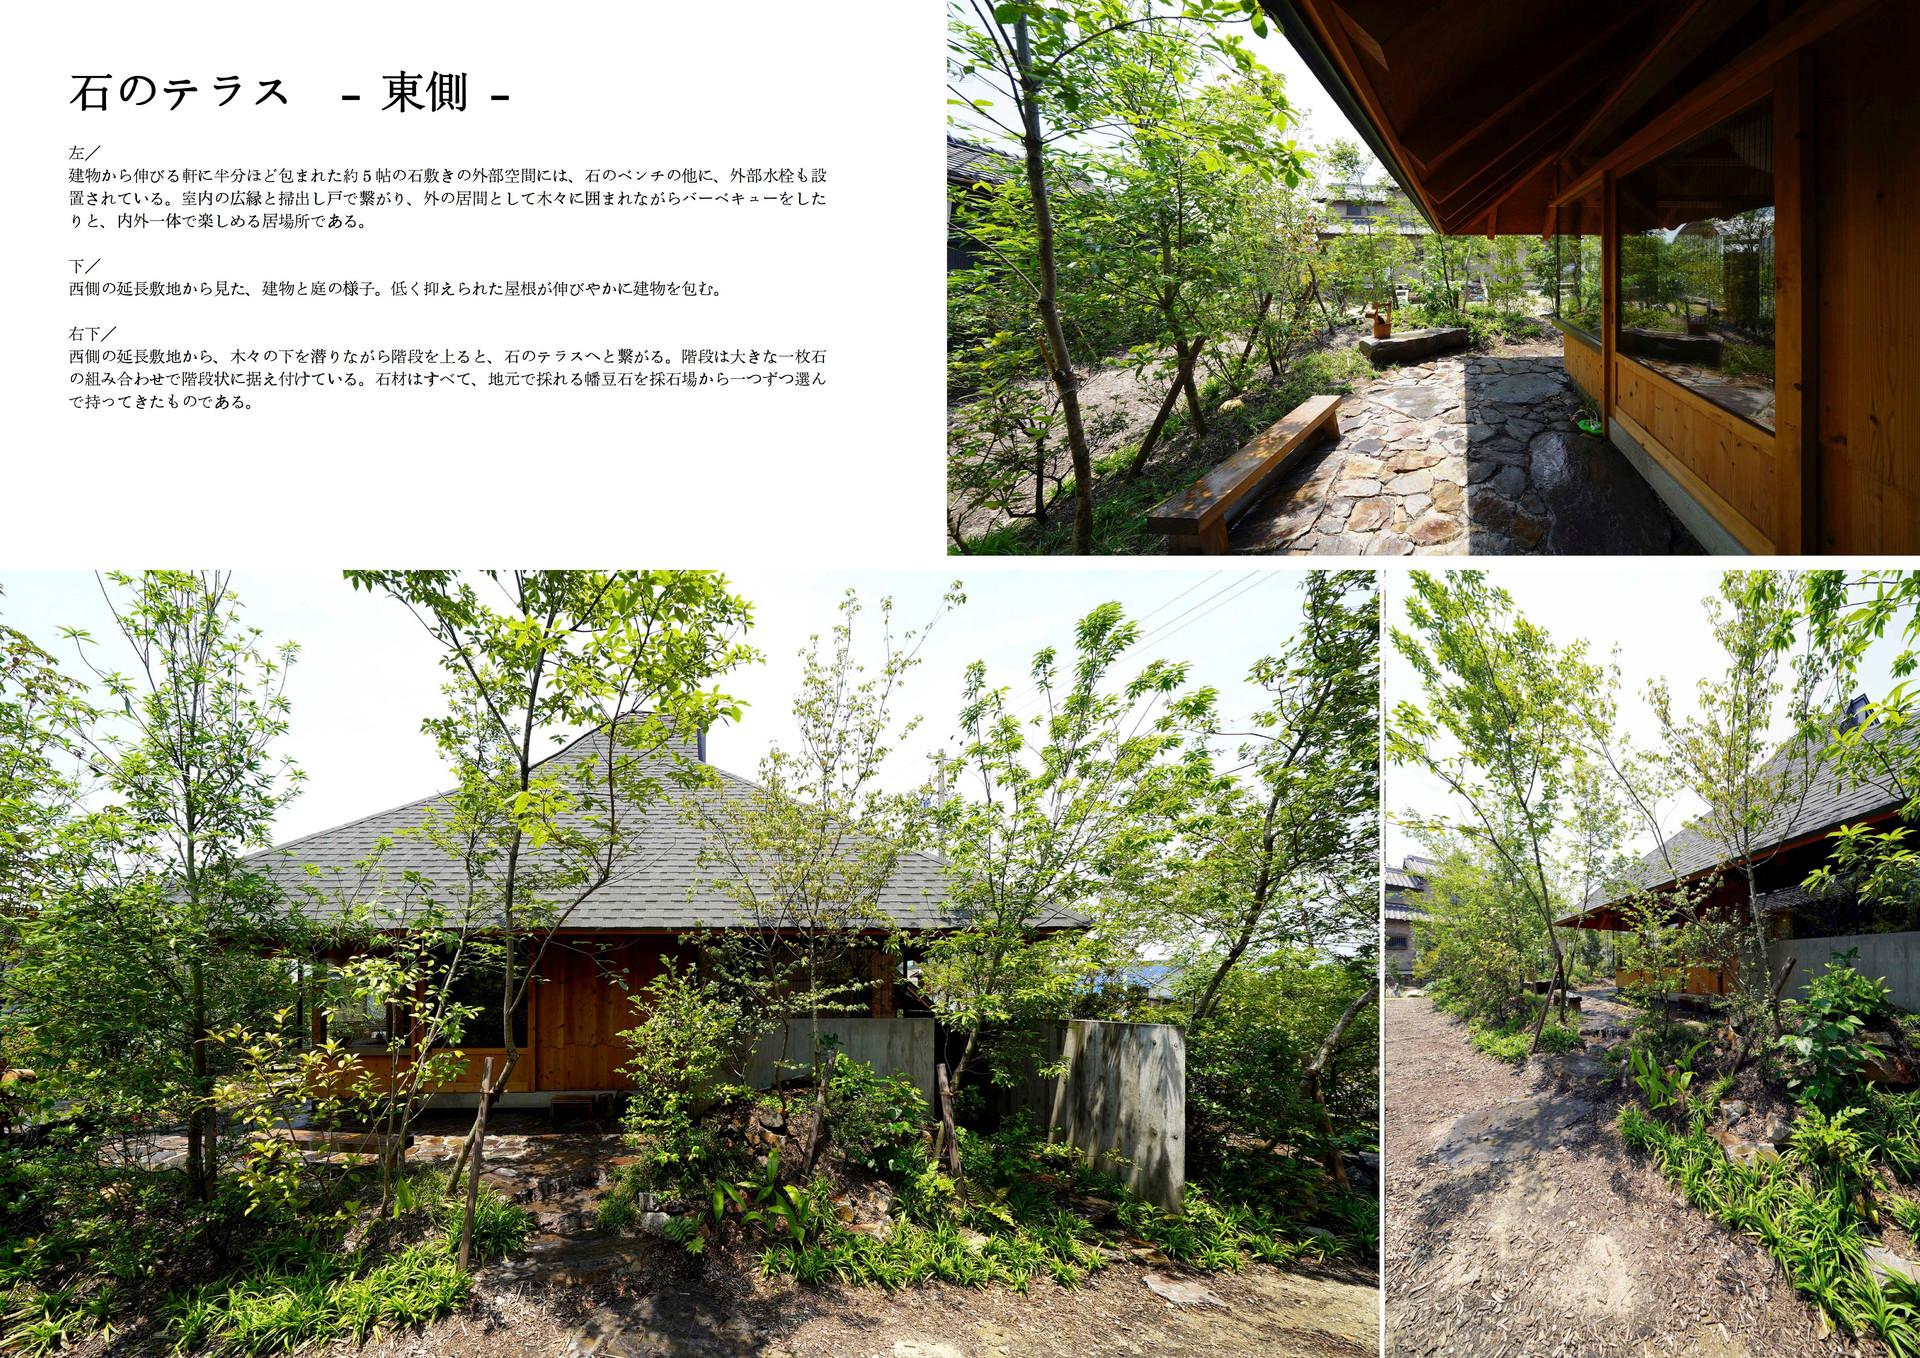 薬師田の住居06/岩間建築設計事務所.jpg